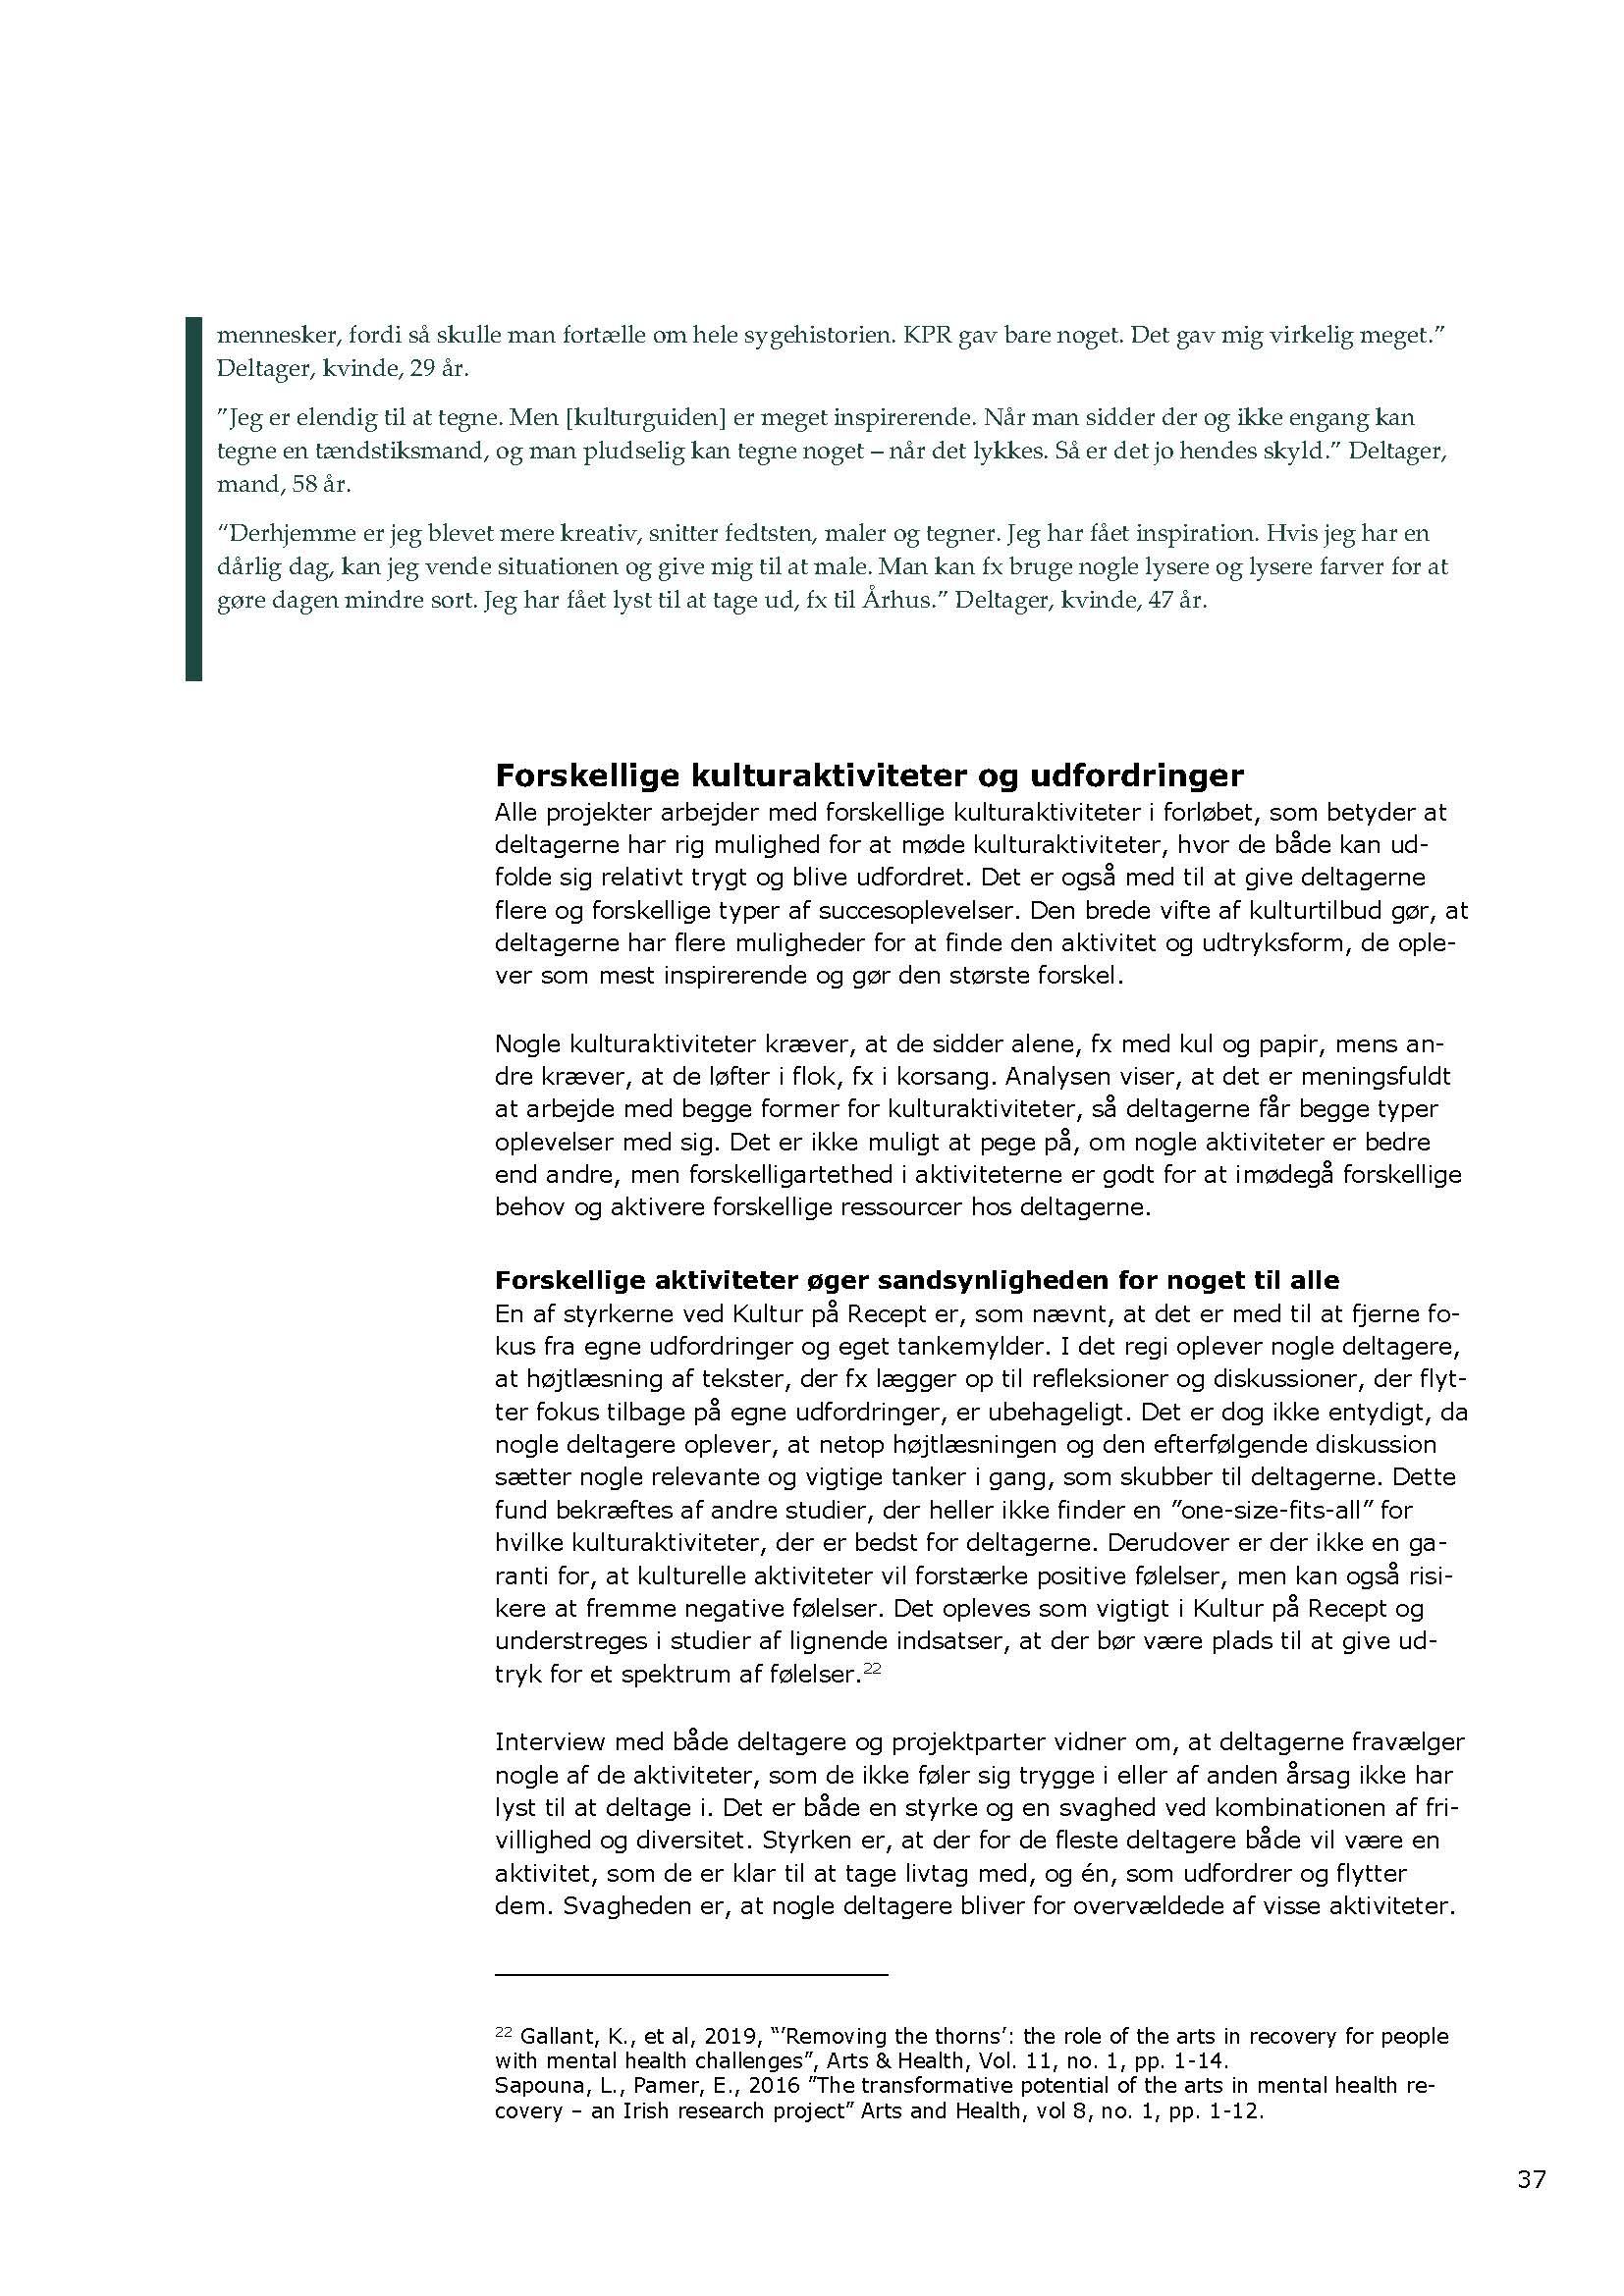 Kultur-paa-recept_tvaergaaende-evaluering_foraar-2020_Page_37